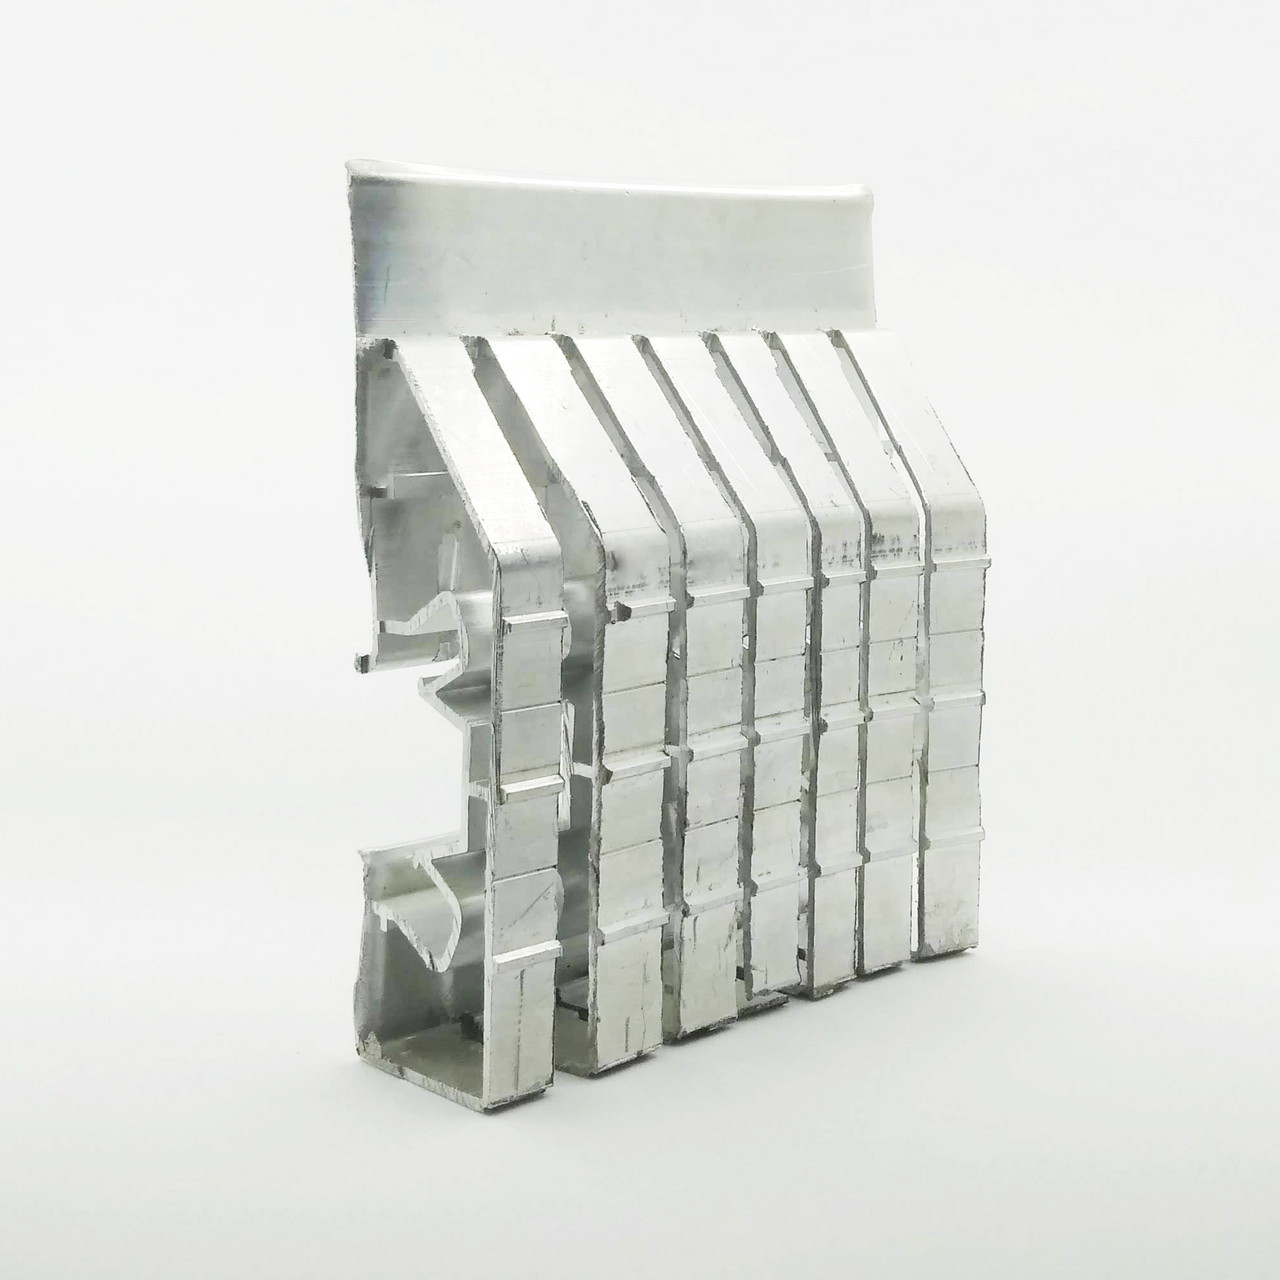 Профиль алюминиевый для натяжных потолков - двухуровневый ПЛ-75, с подсветкой, с пропилами. Длина профиля 2,5